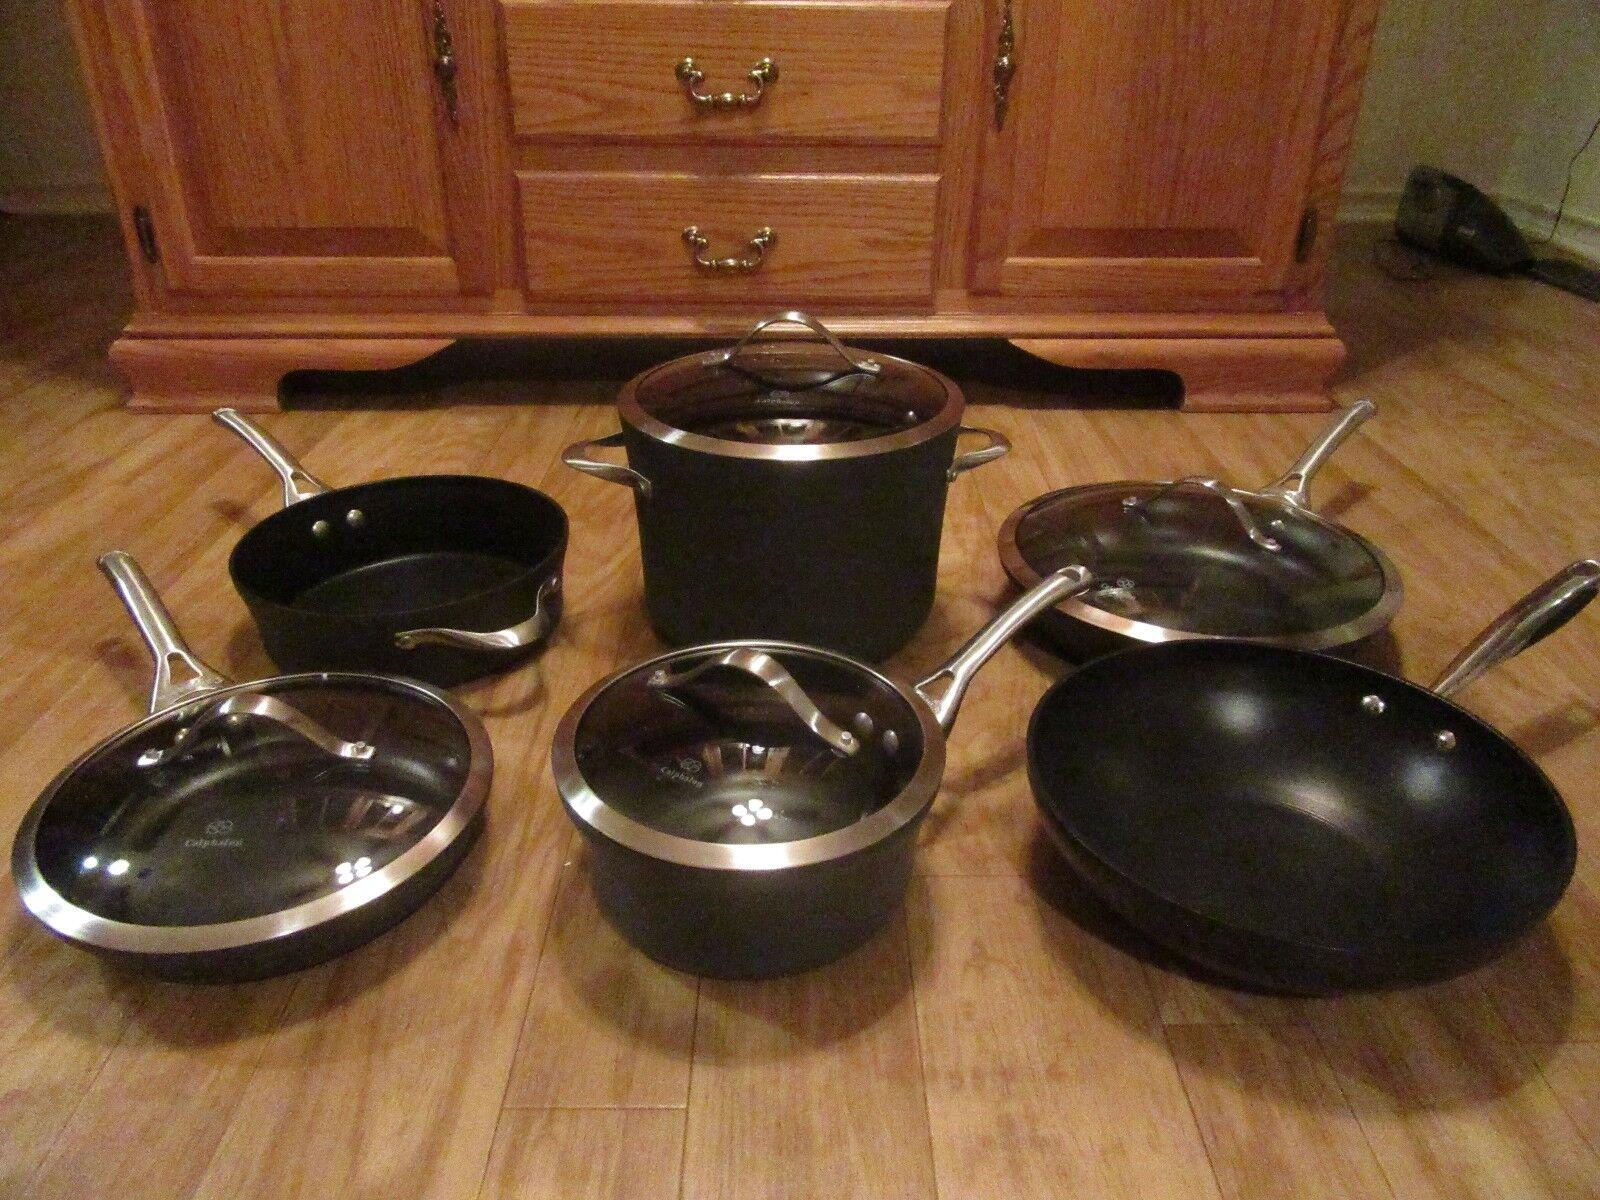 Calphalon Circulon 10 Piece Cookware Pot Frying Pan Skillet Wok Set  Glass Lids